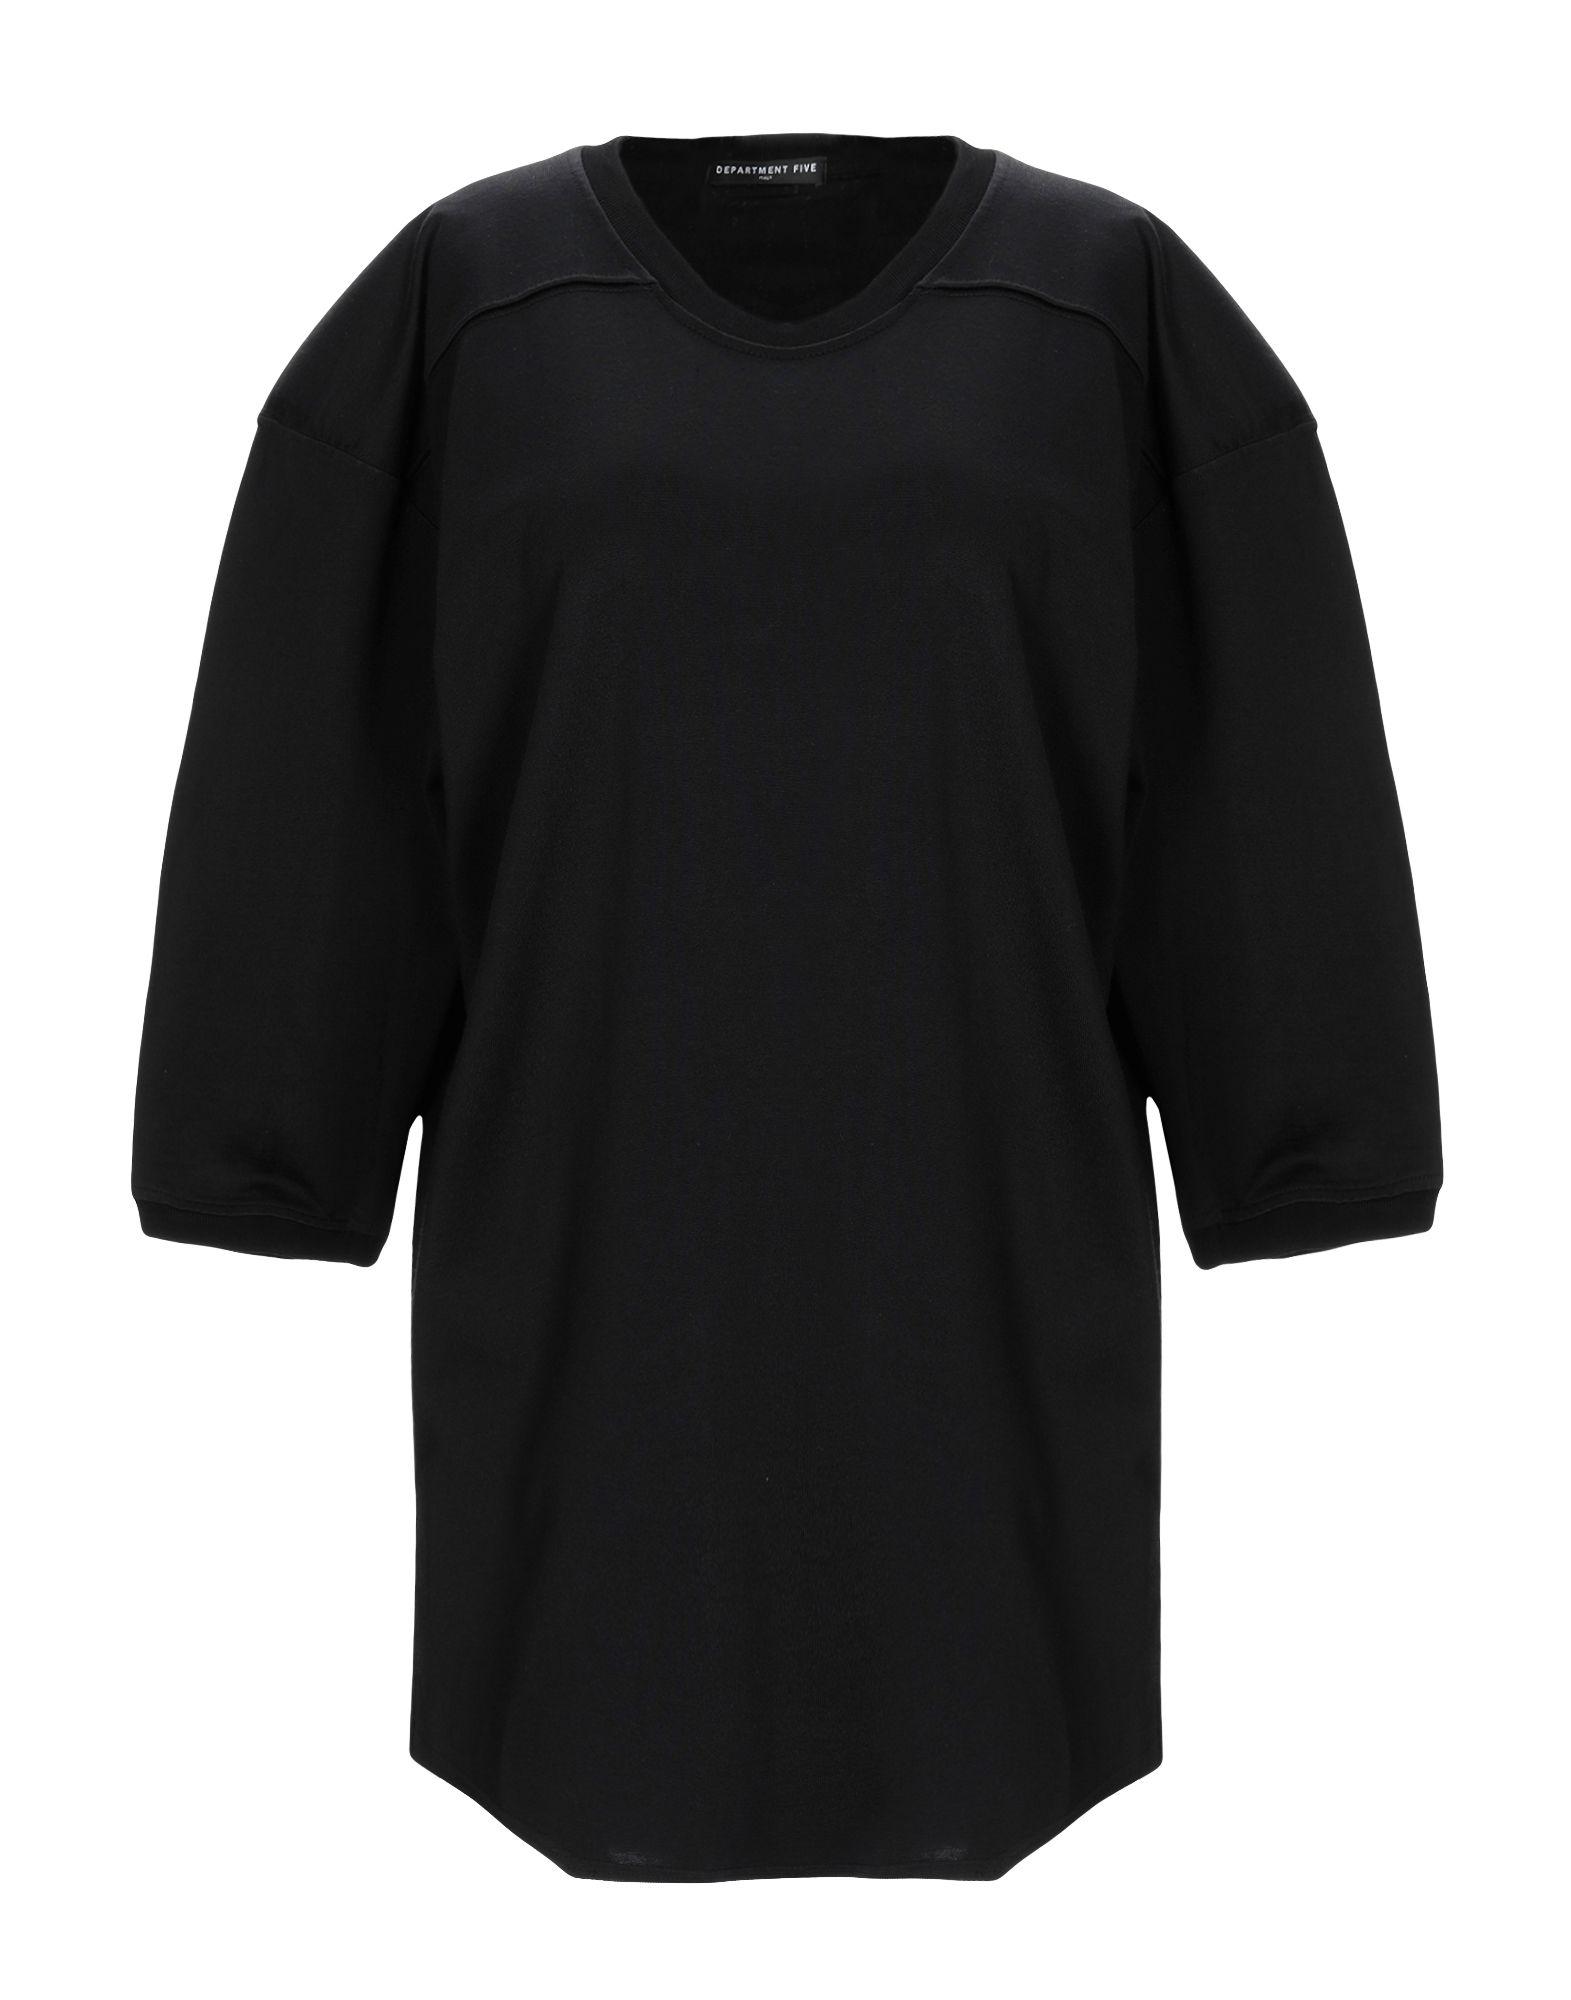 T-Shirt T-Shirt Department 5 donna - 12248493PD  Großhandel billig und von hoher Qualität